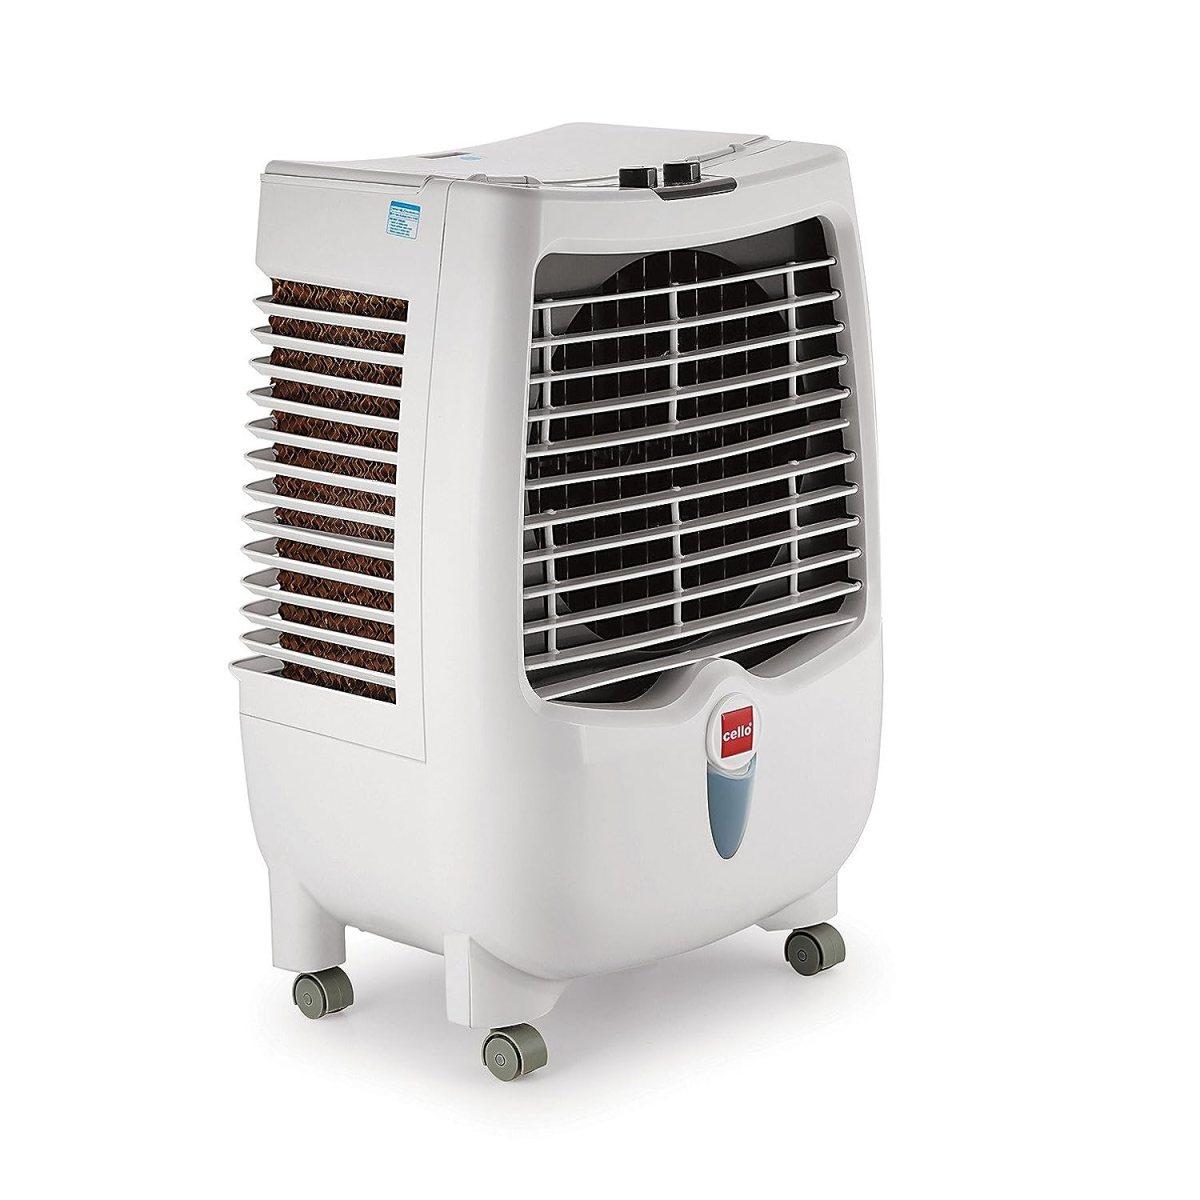 Cello Gem 22-Litre Personal Air Cooler 2020